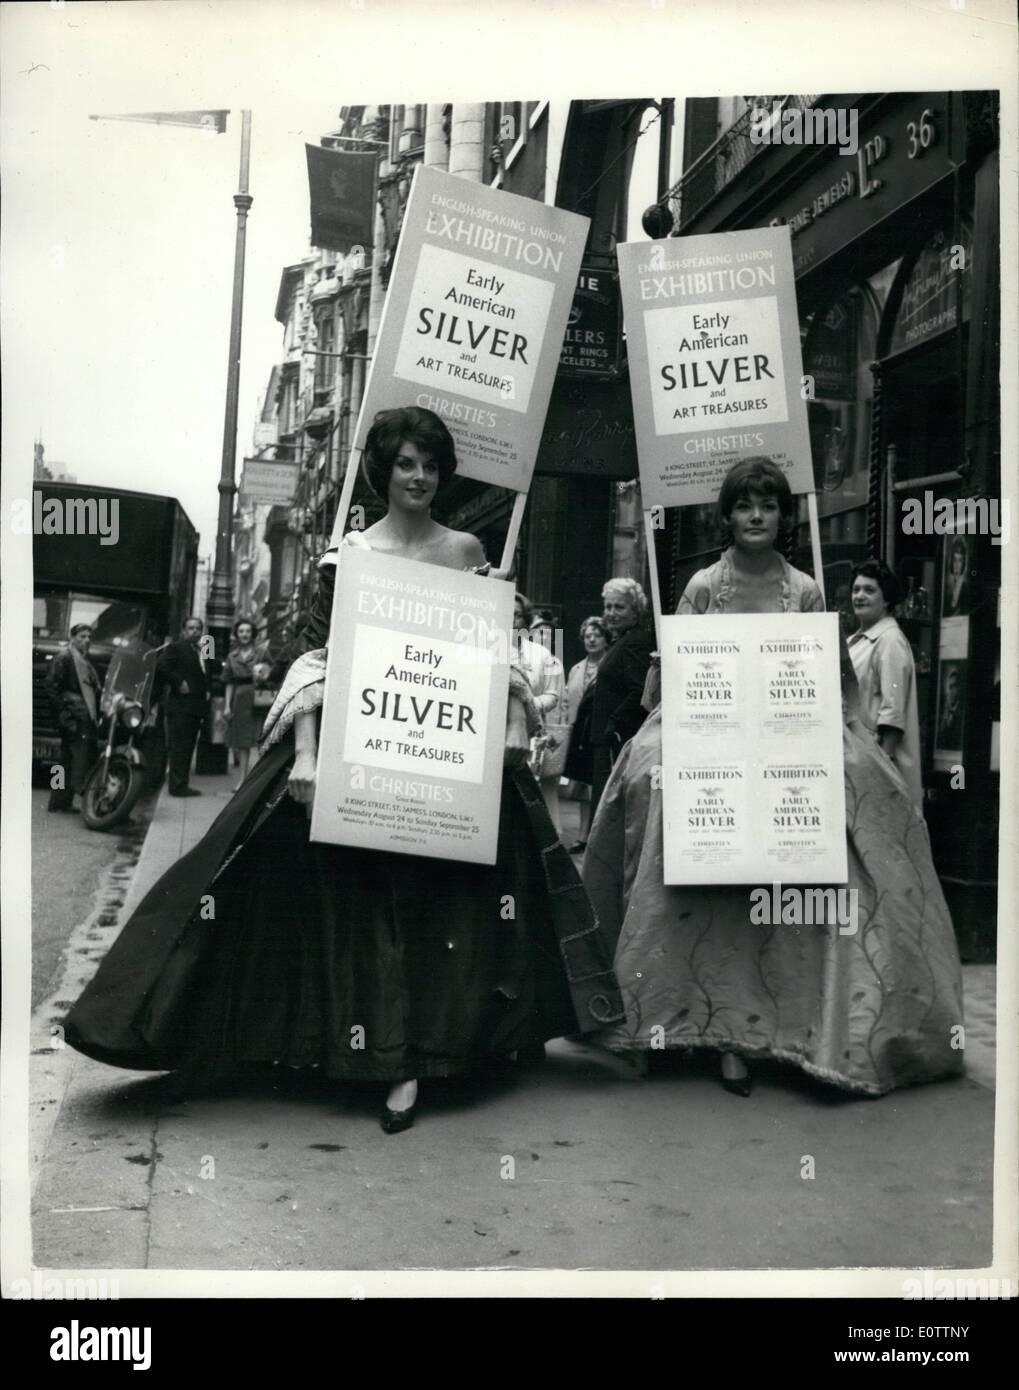 Septiembre 09, 1960 - Modelos en traje americano temprano: anunciar la plata exposición.: La fotografía muestra Foto de stock